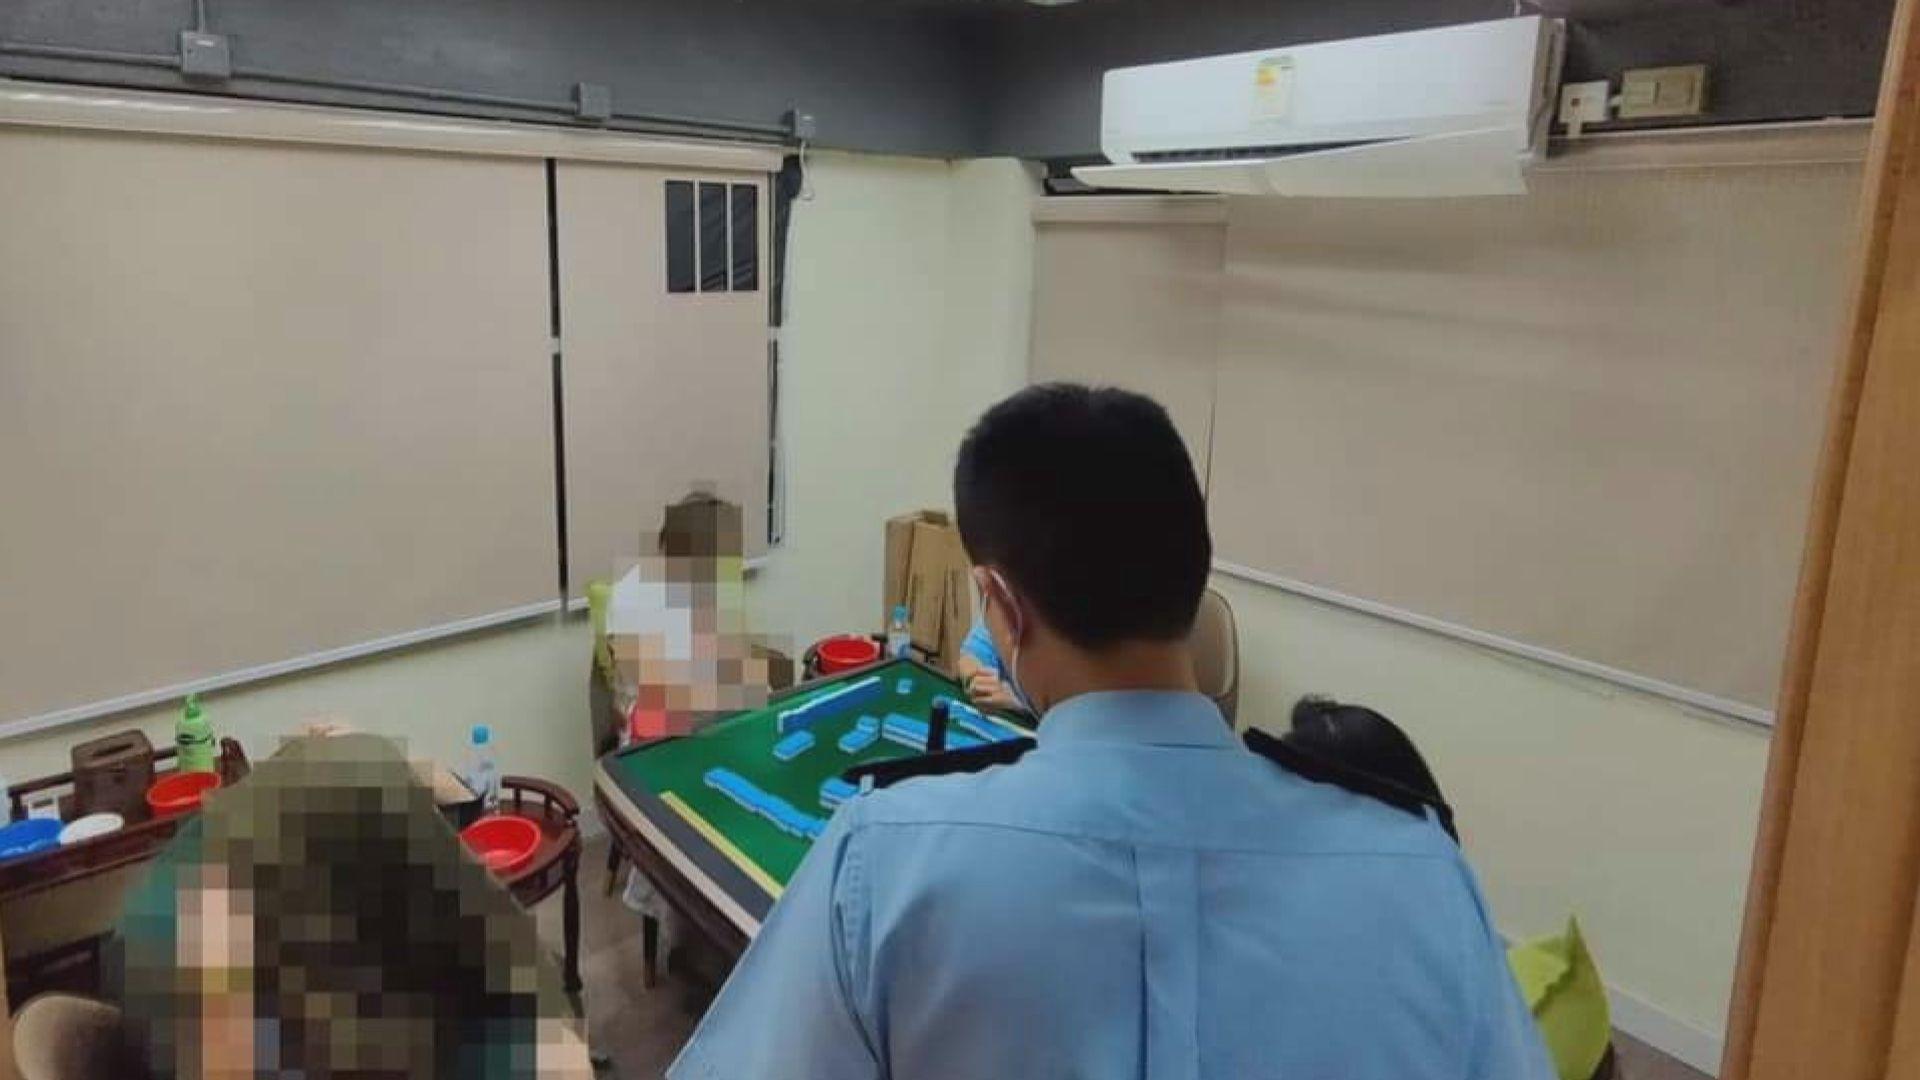 警方票控聯誼會打麻將35人涉違反限聚令